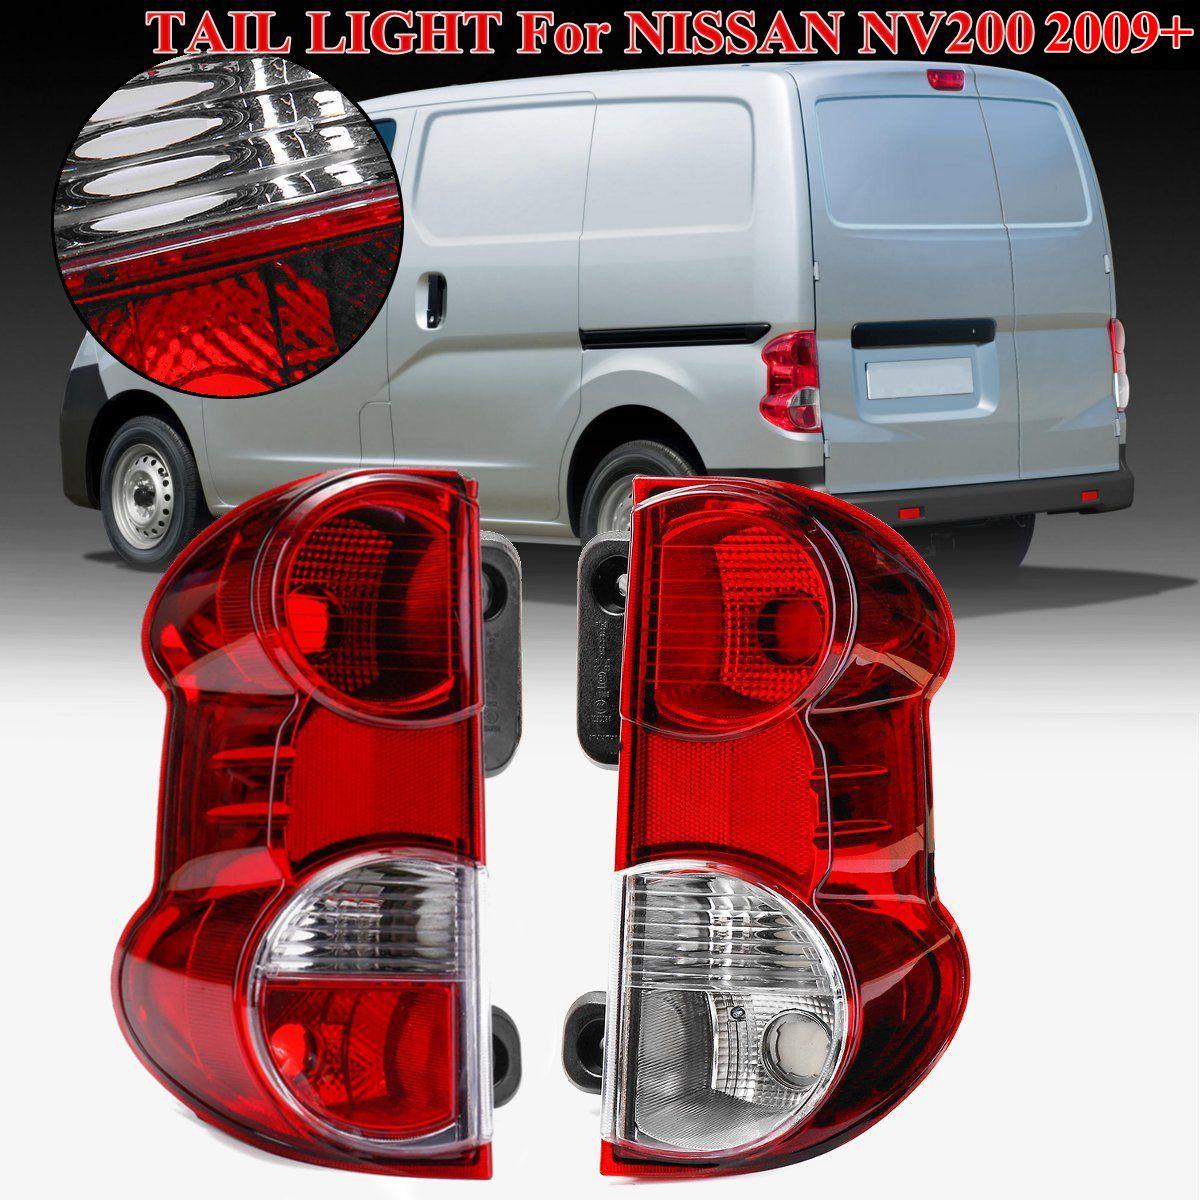 Pour NISSAN NV200 feu arrière Arrière feux de freinage Arrière lampe d'alerte 26550-JX00A 26555-JX31A 1 Paire Rouge Arrière feu arrière lampe de frein